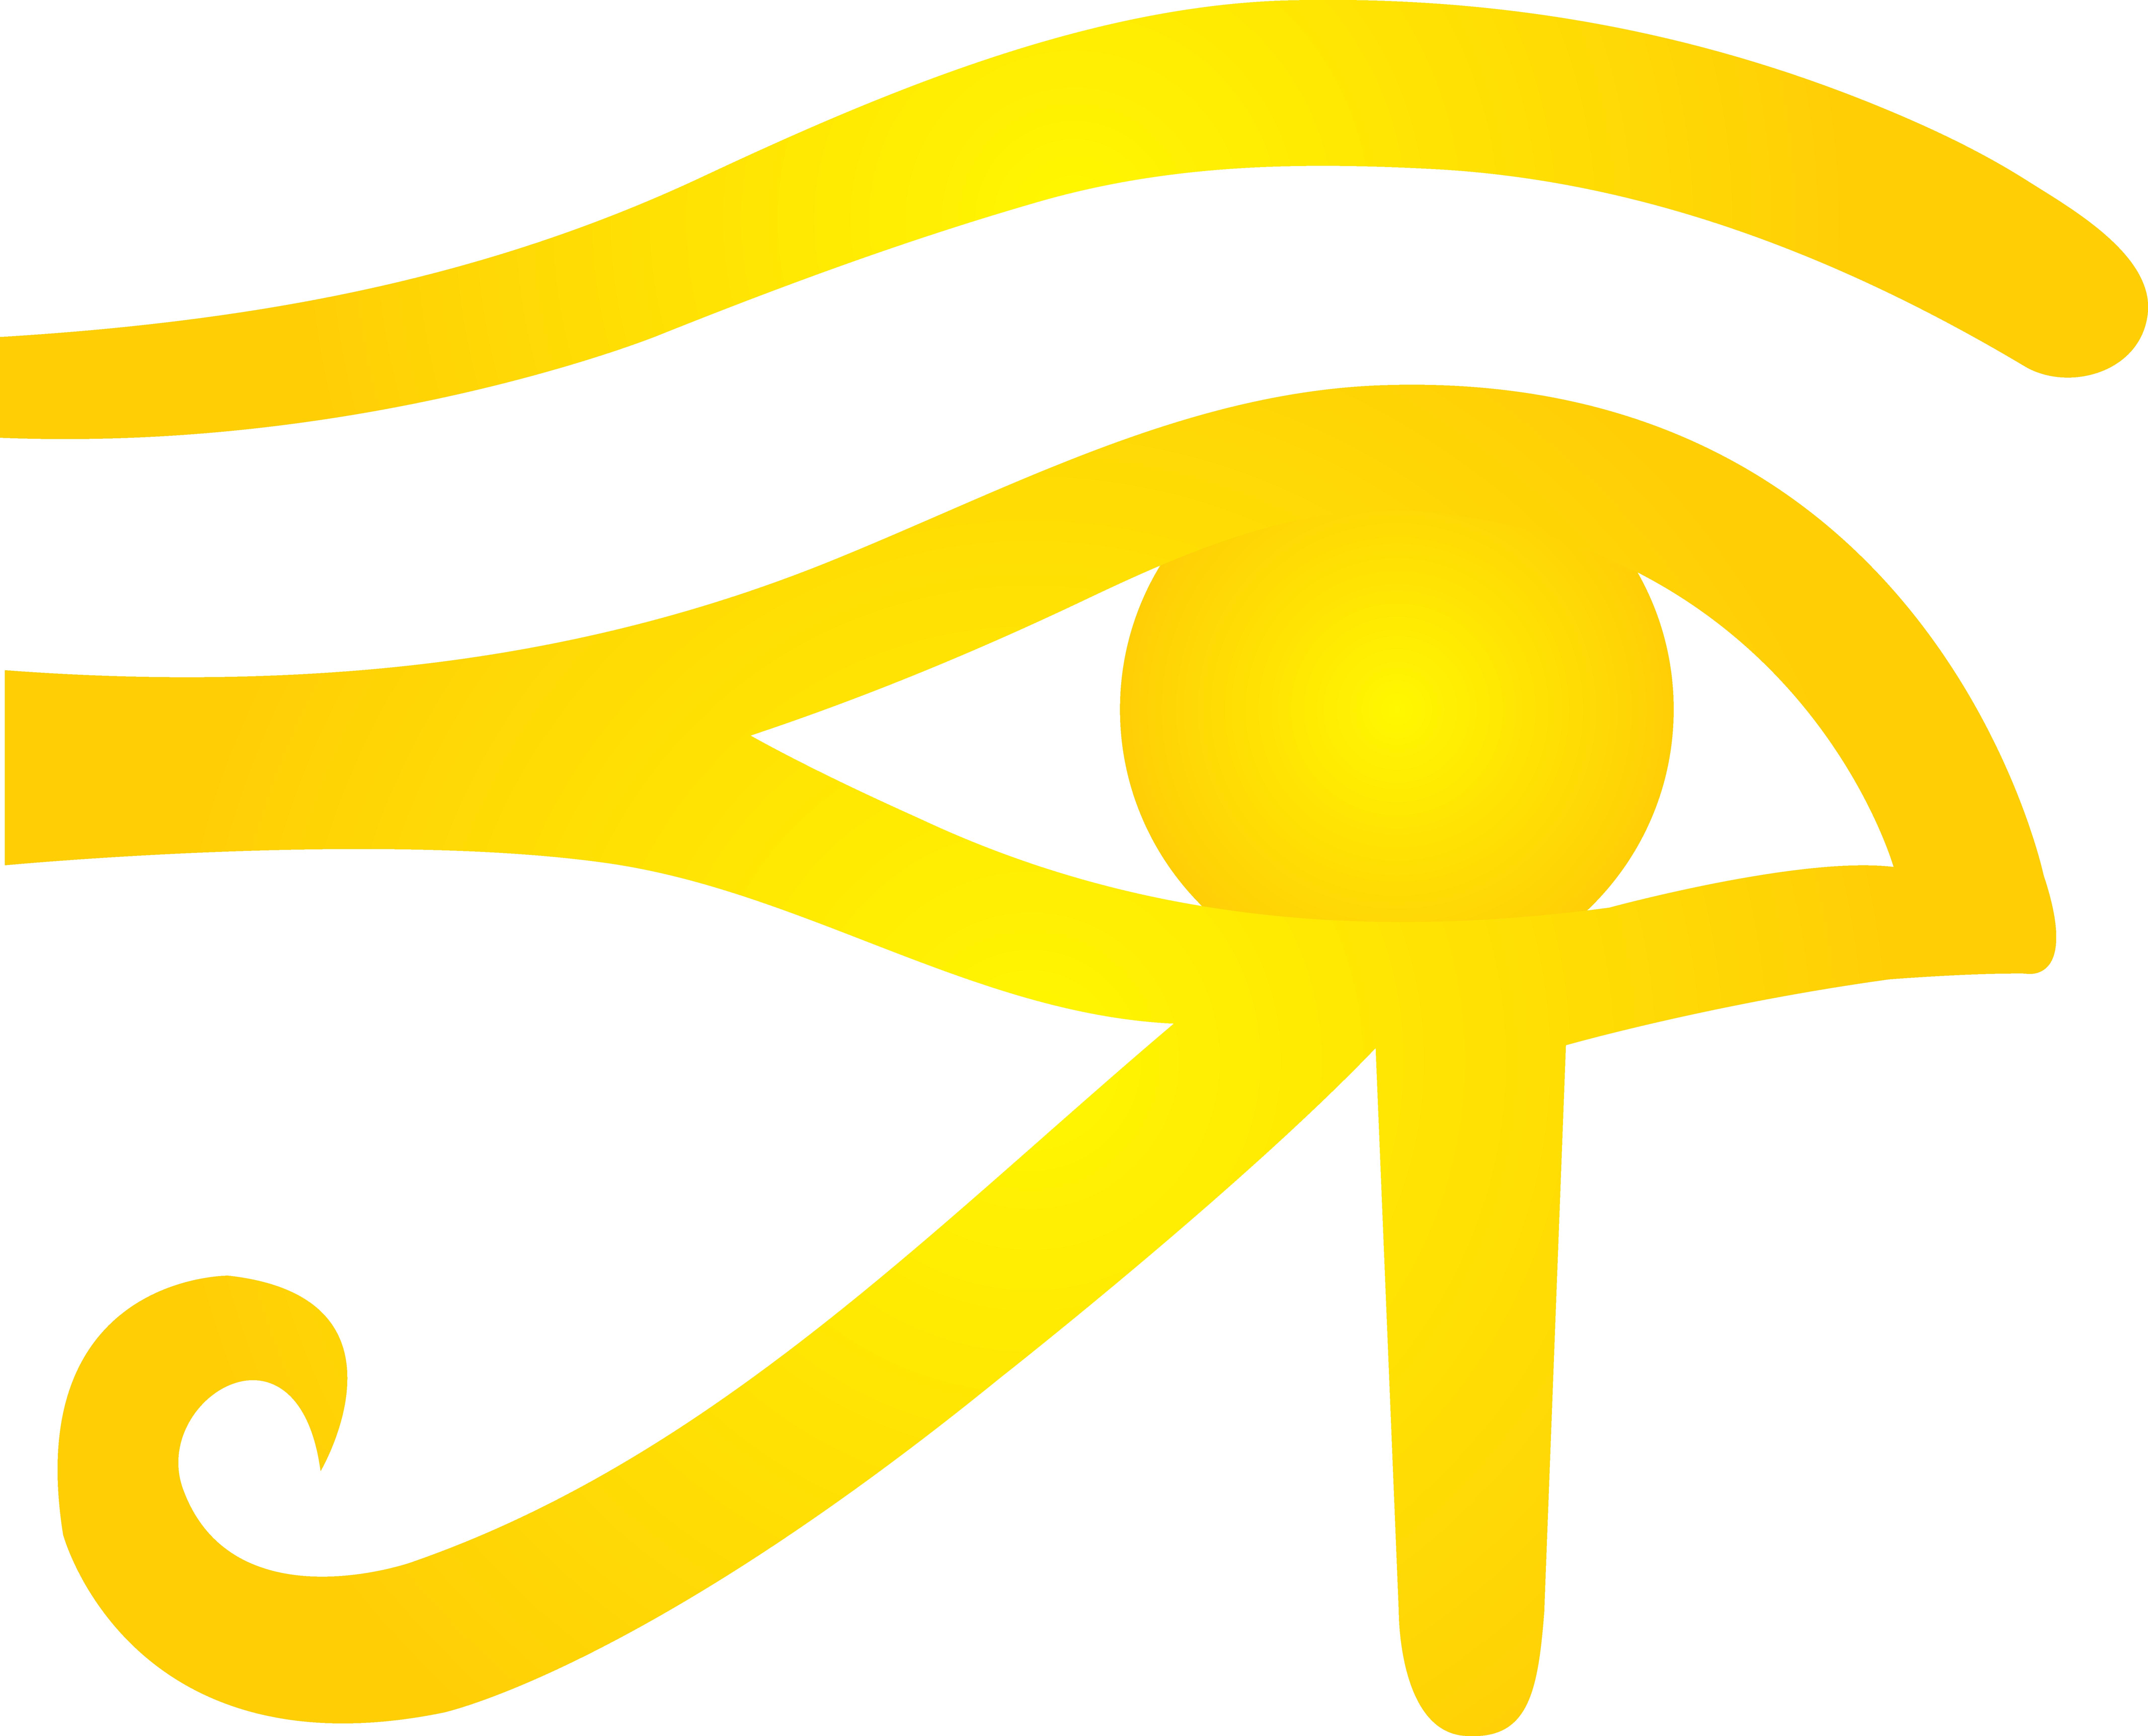 Golden eye clipart.